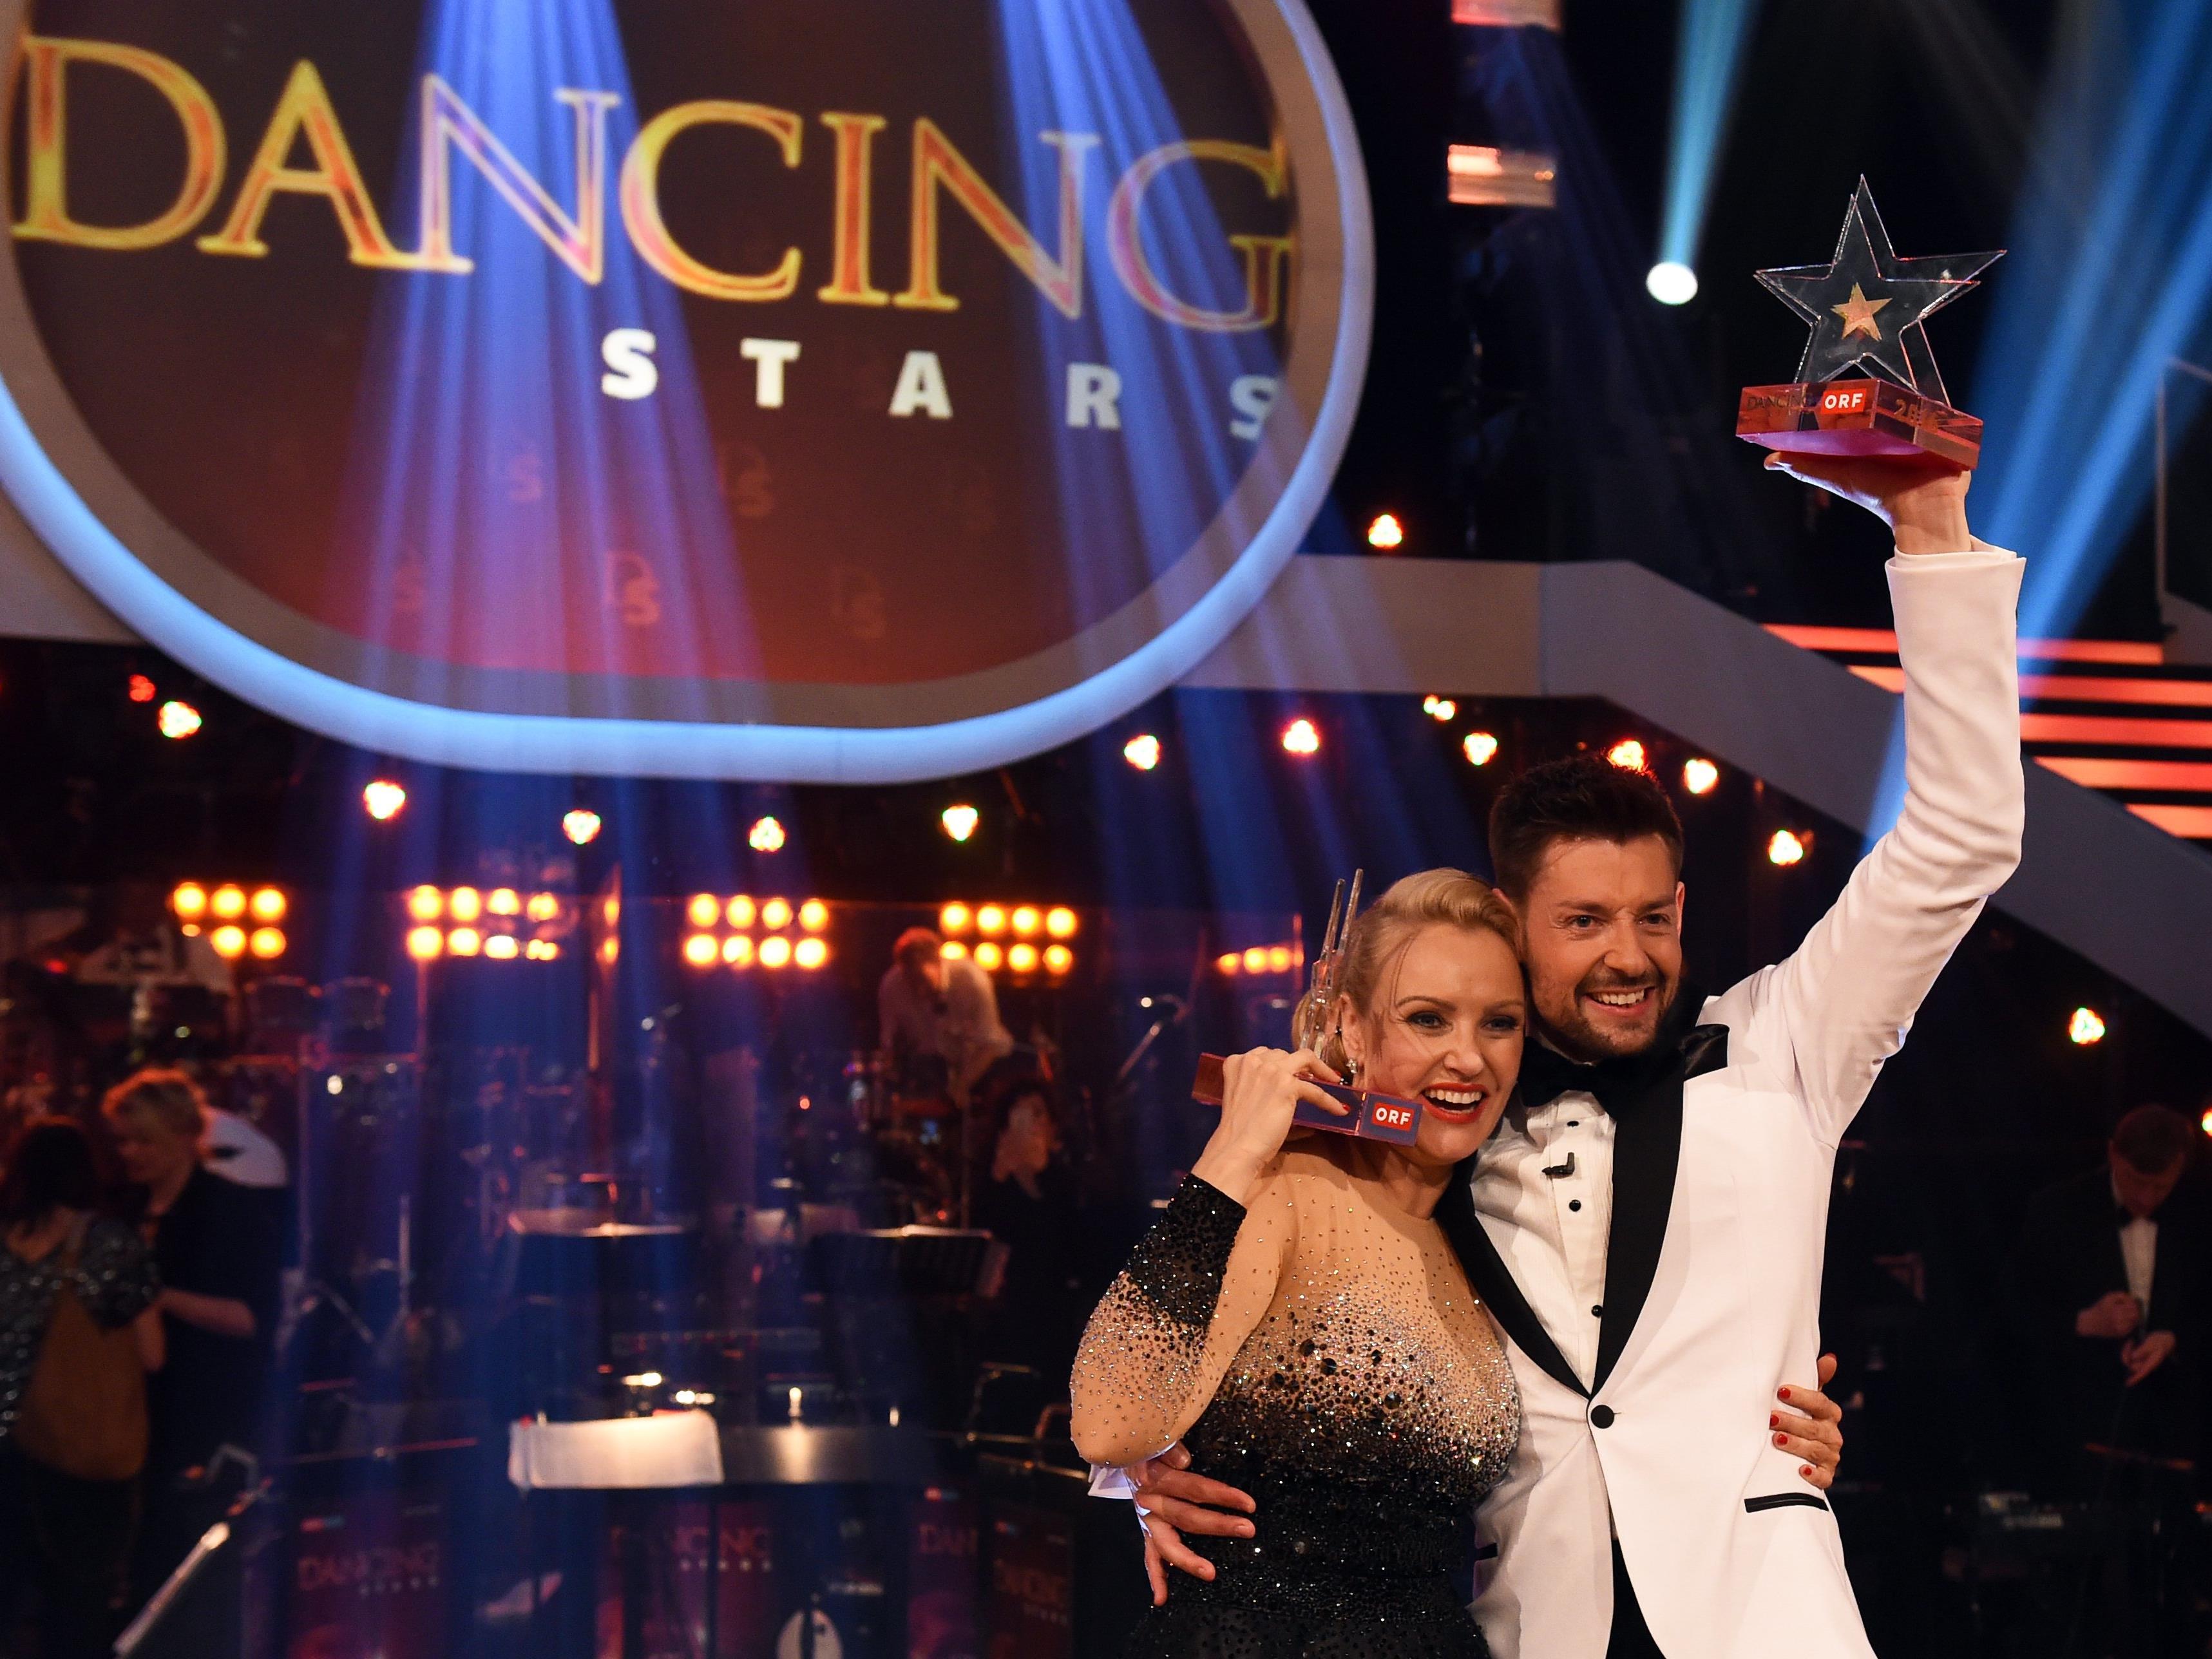 Verena Scheitz krönt sich zum Dancing Star 2016.